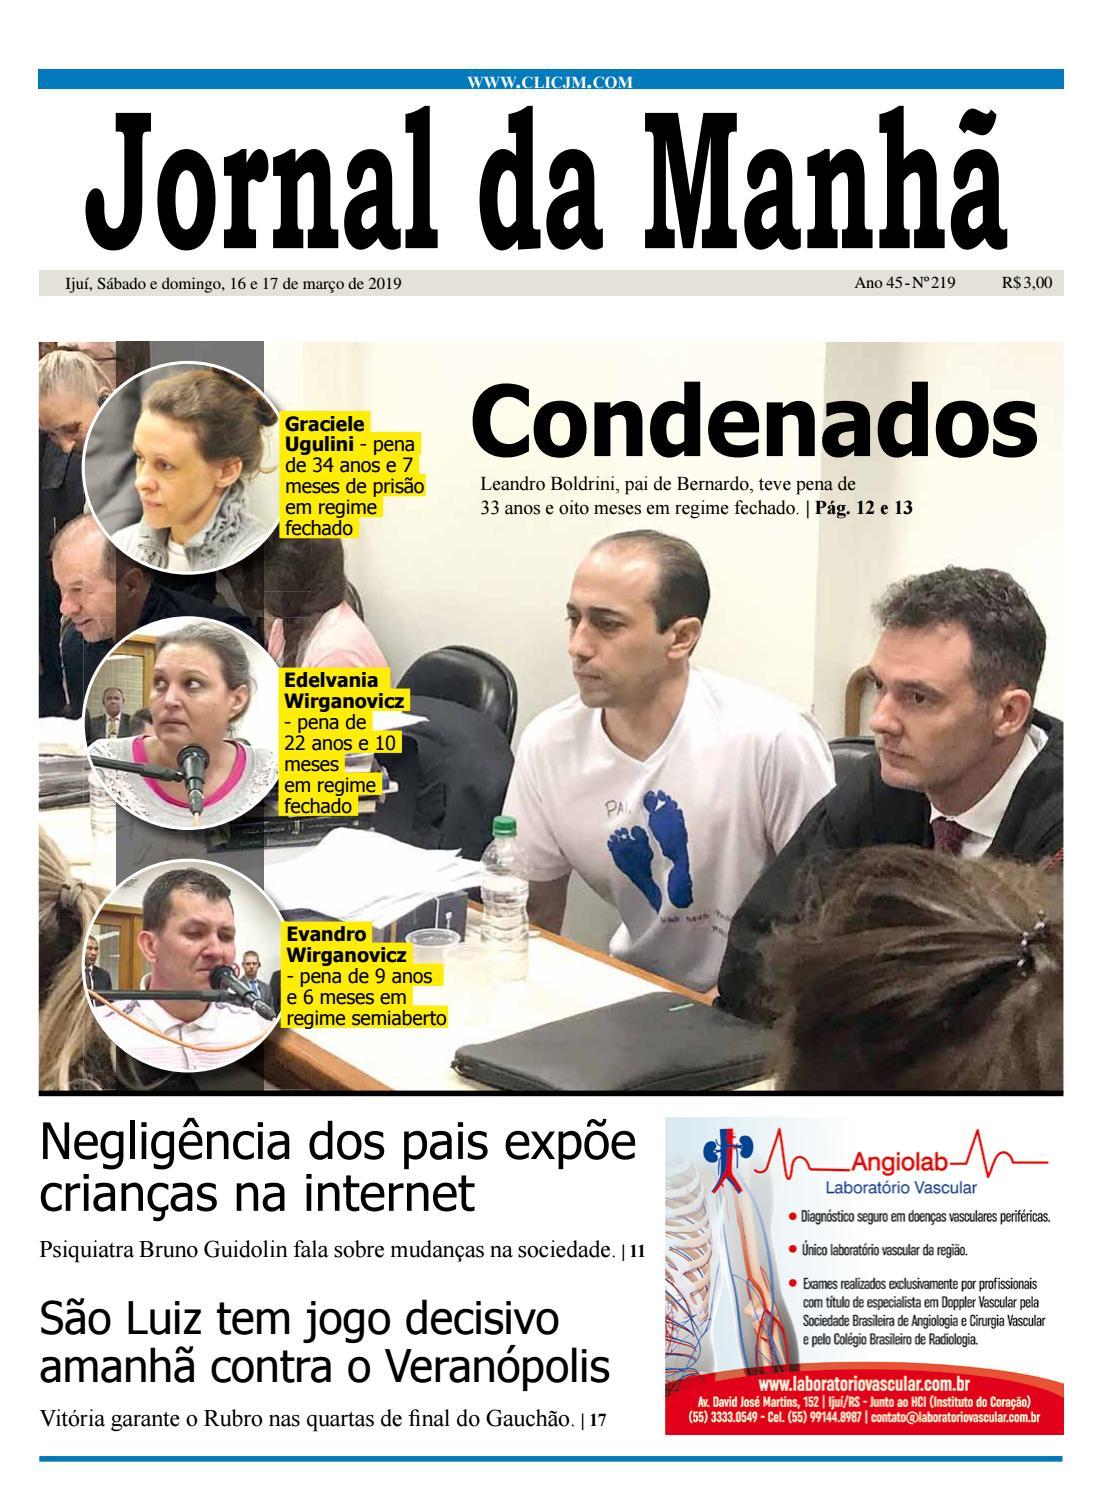 Jornal Da Manhã Sábado 16 03 2019 By Clicjm Issuu